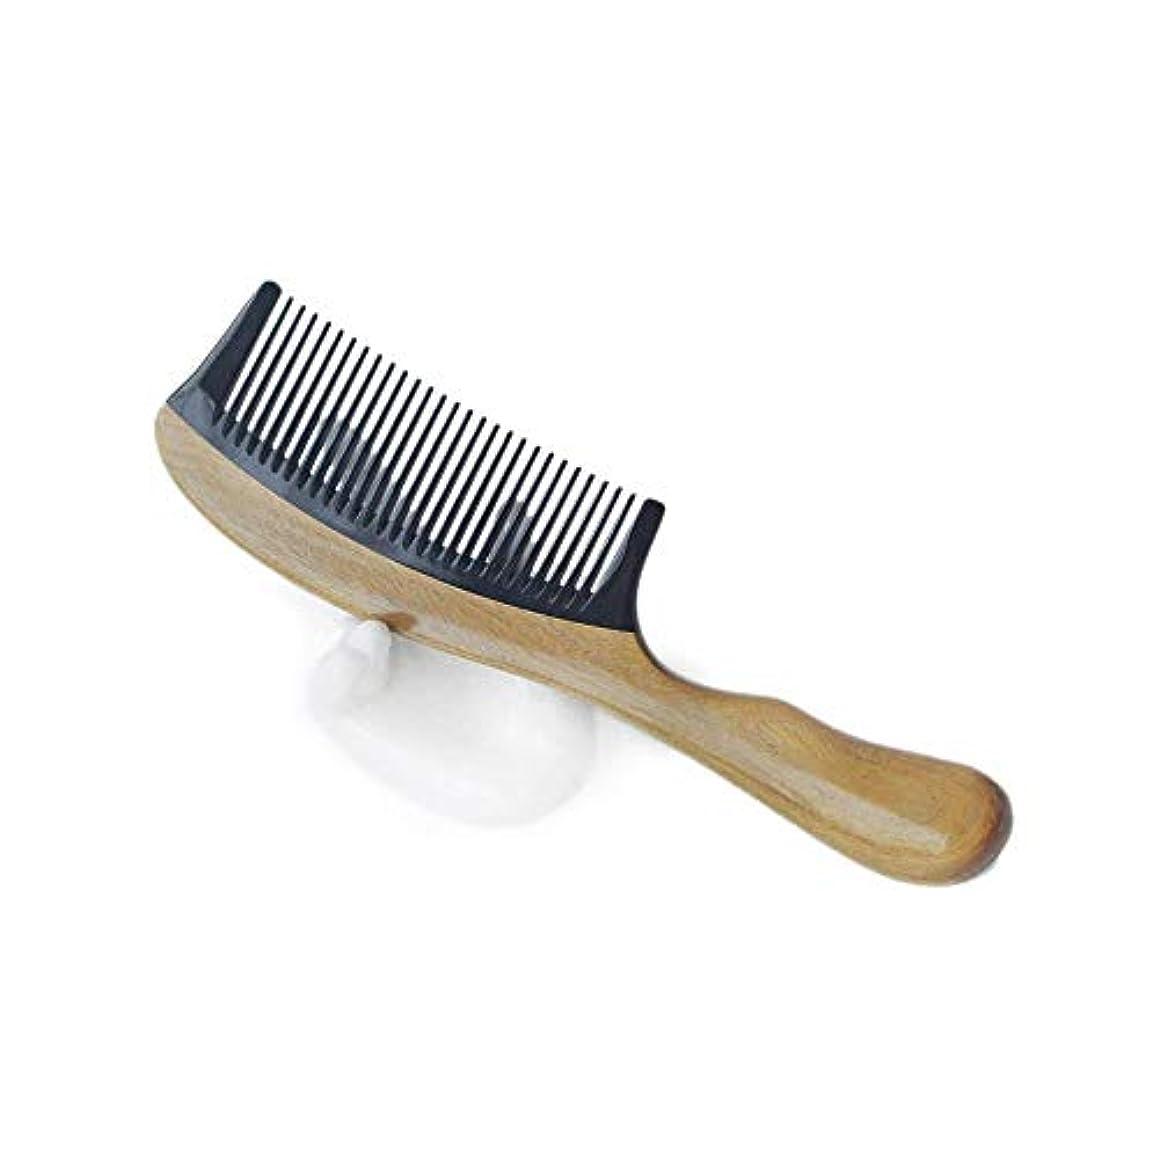 ペルー作り上げる恵みFashianサンダルウッドくし手作りの木製くし静電防止(ショートハンドル - ワイド歯) ヘアケア